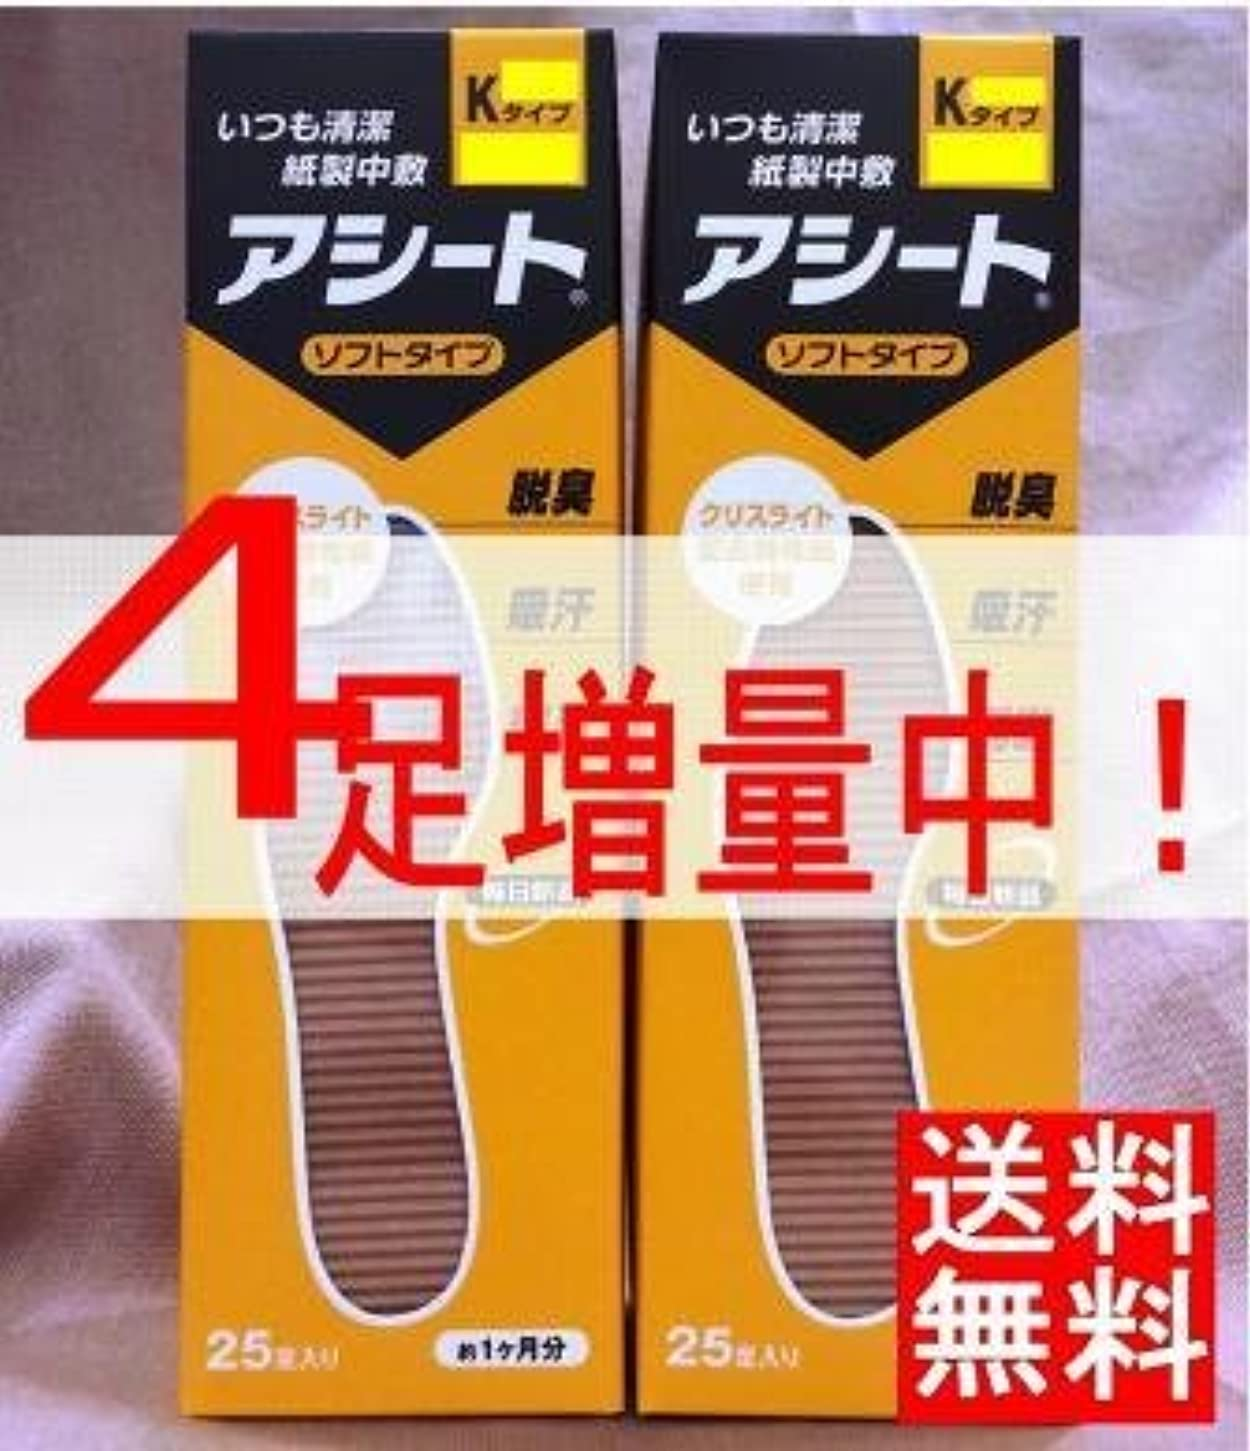 人涙が出る不器用アシートK(サイズ24cm)×2箱セット(4足増量中)